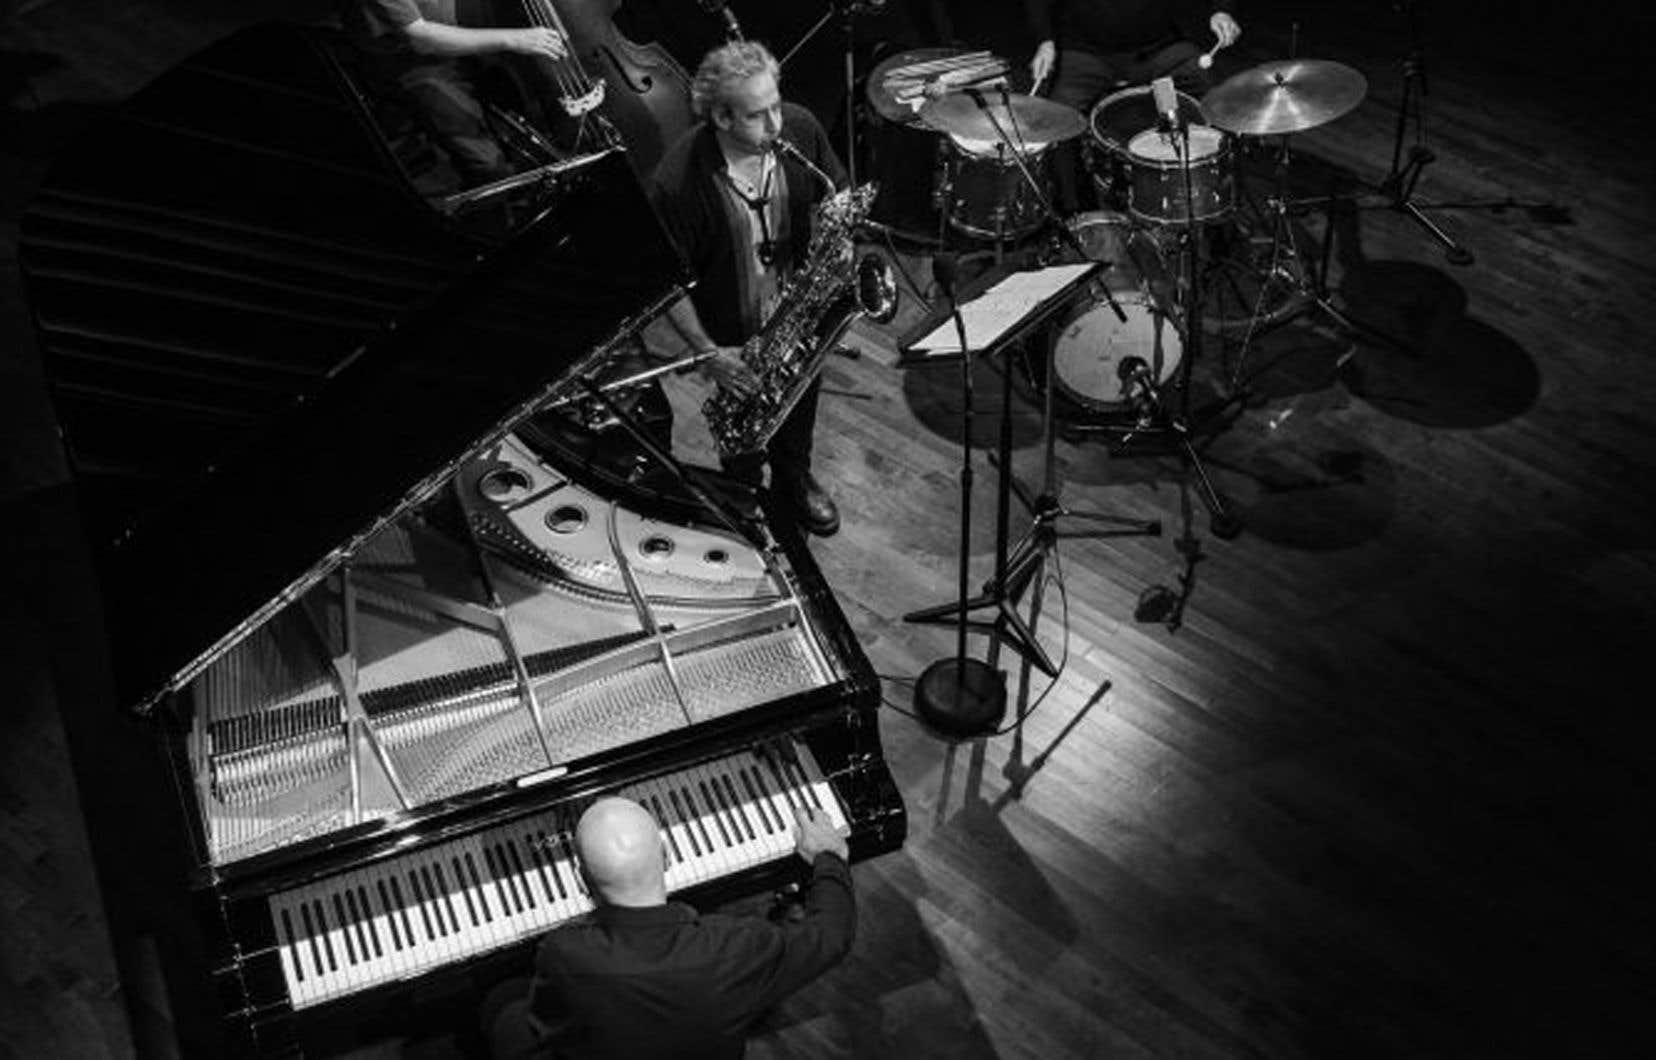 Il y a tout d'abord Jean Derome, ses saxophones et ses flûtes, Normand Guilbeault, sa contrebasse et son archet, et Pierre Tanguay, sa batterie et son sourire. À eux viennent de se greffer, plus que se joindre, Félix Stüssi et son piano. Et cette bande de quatre propose un grand, un très grand disque.